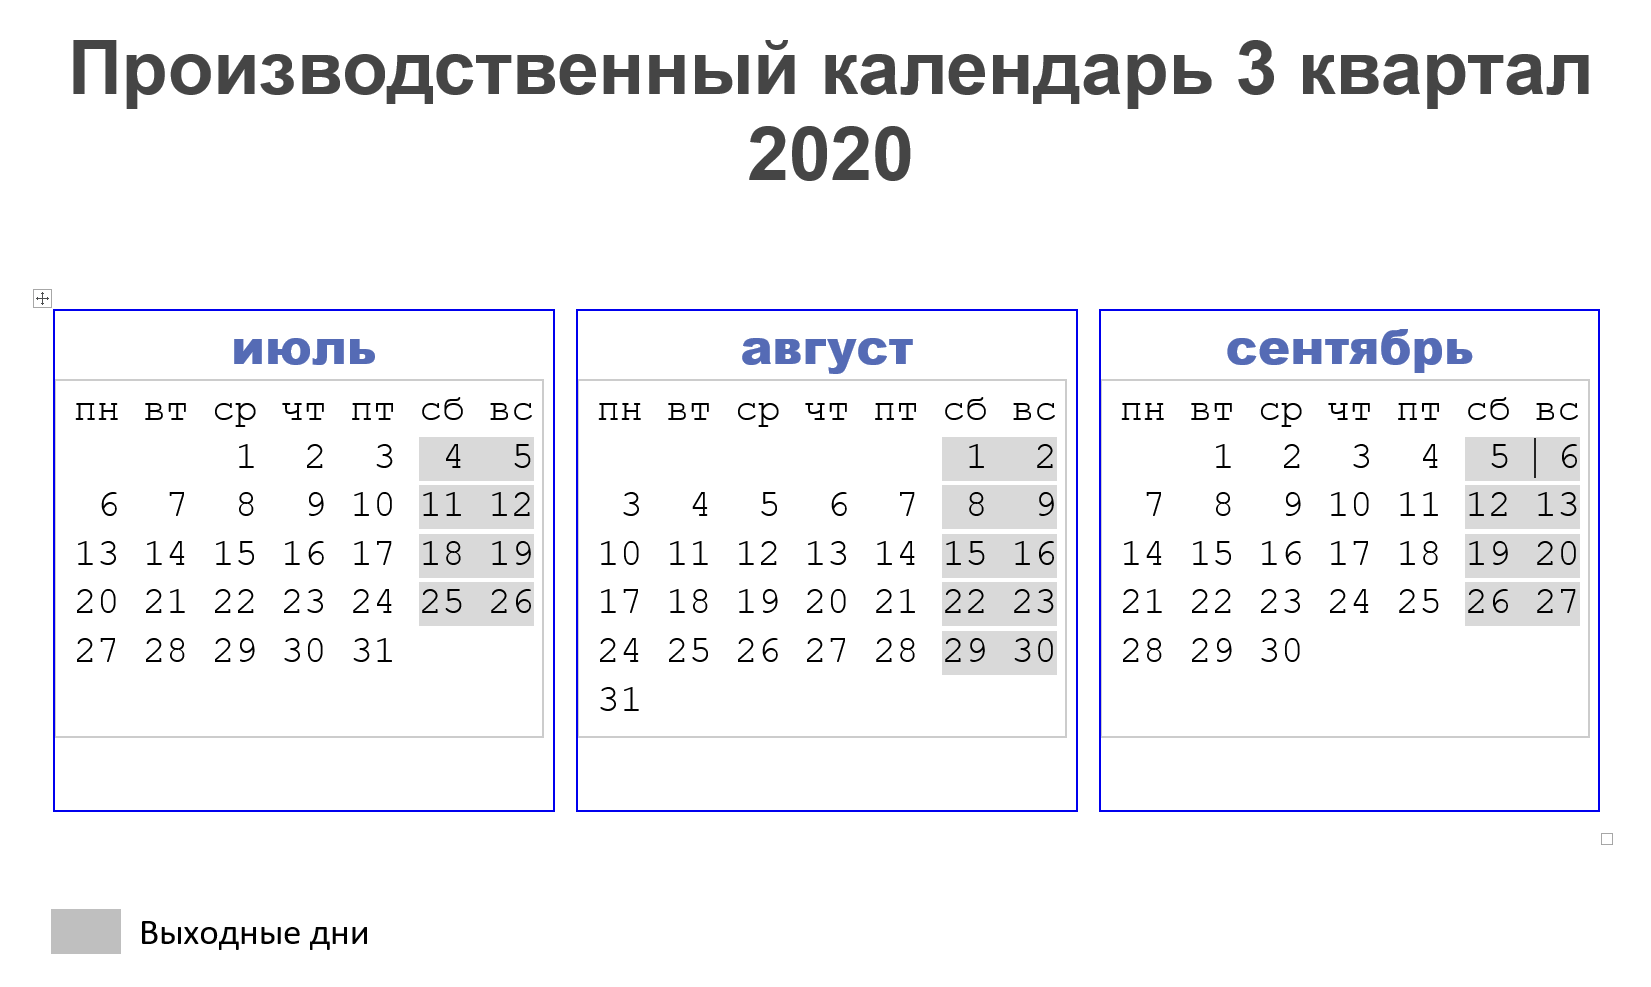 производственный календарь на 3 квартал 2020 года